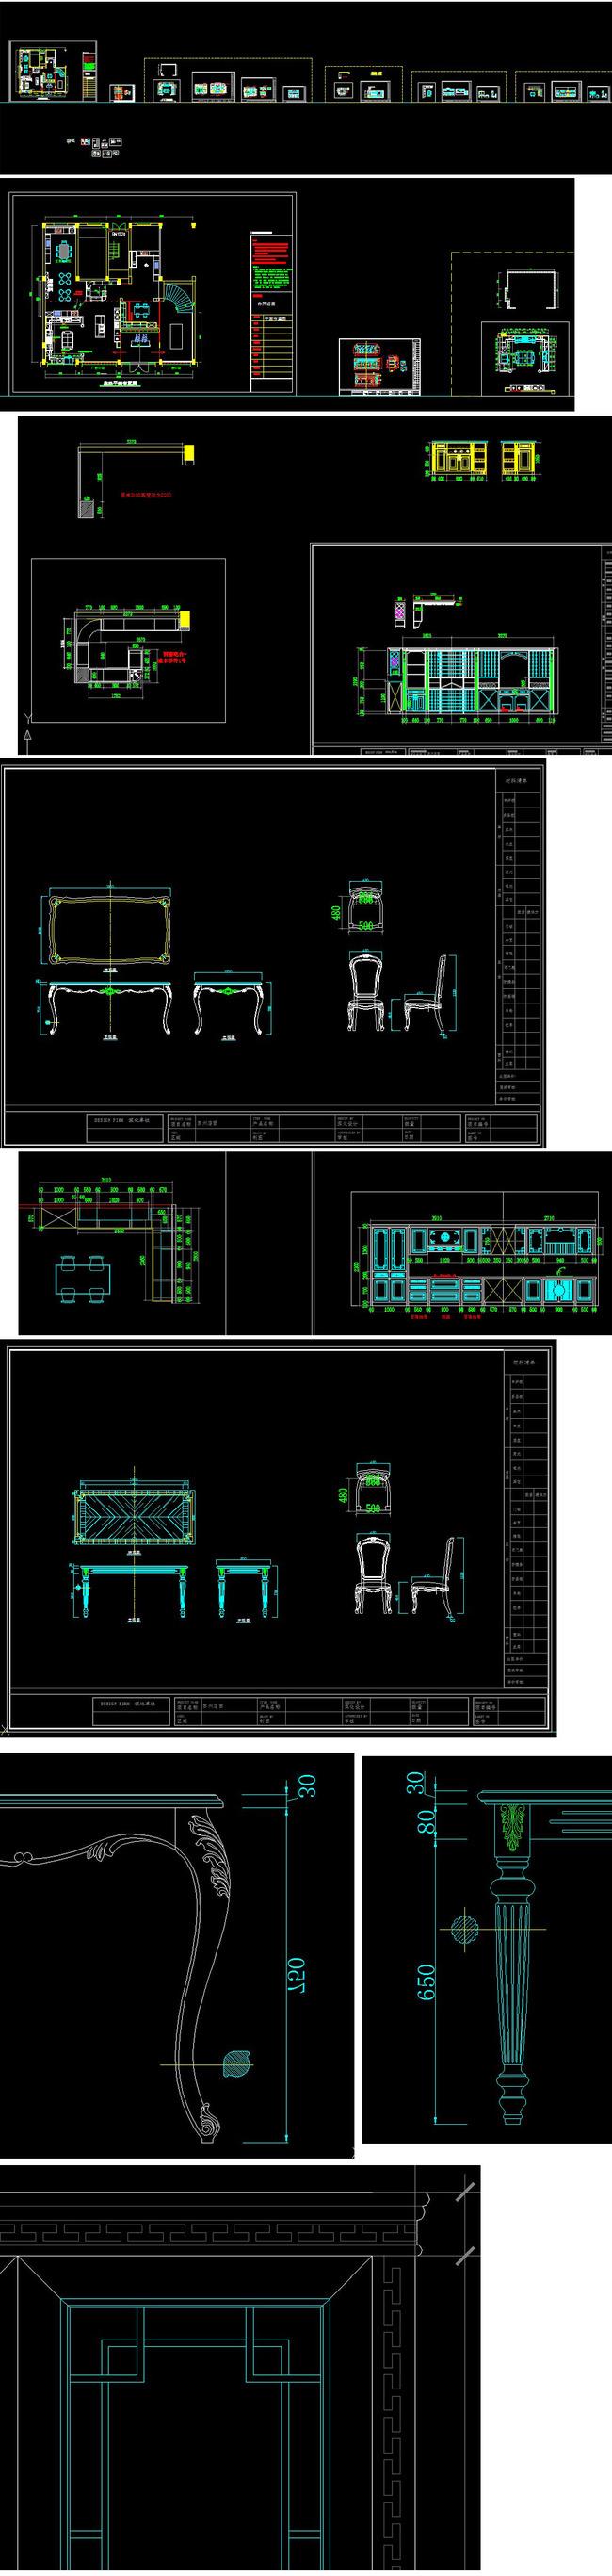 整木固装橱柜苏州专卖店平面设计图下载(图片3.75mb)